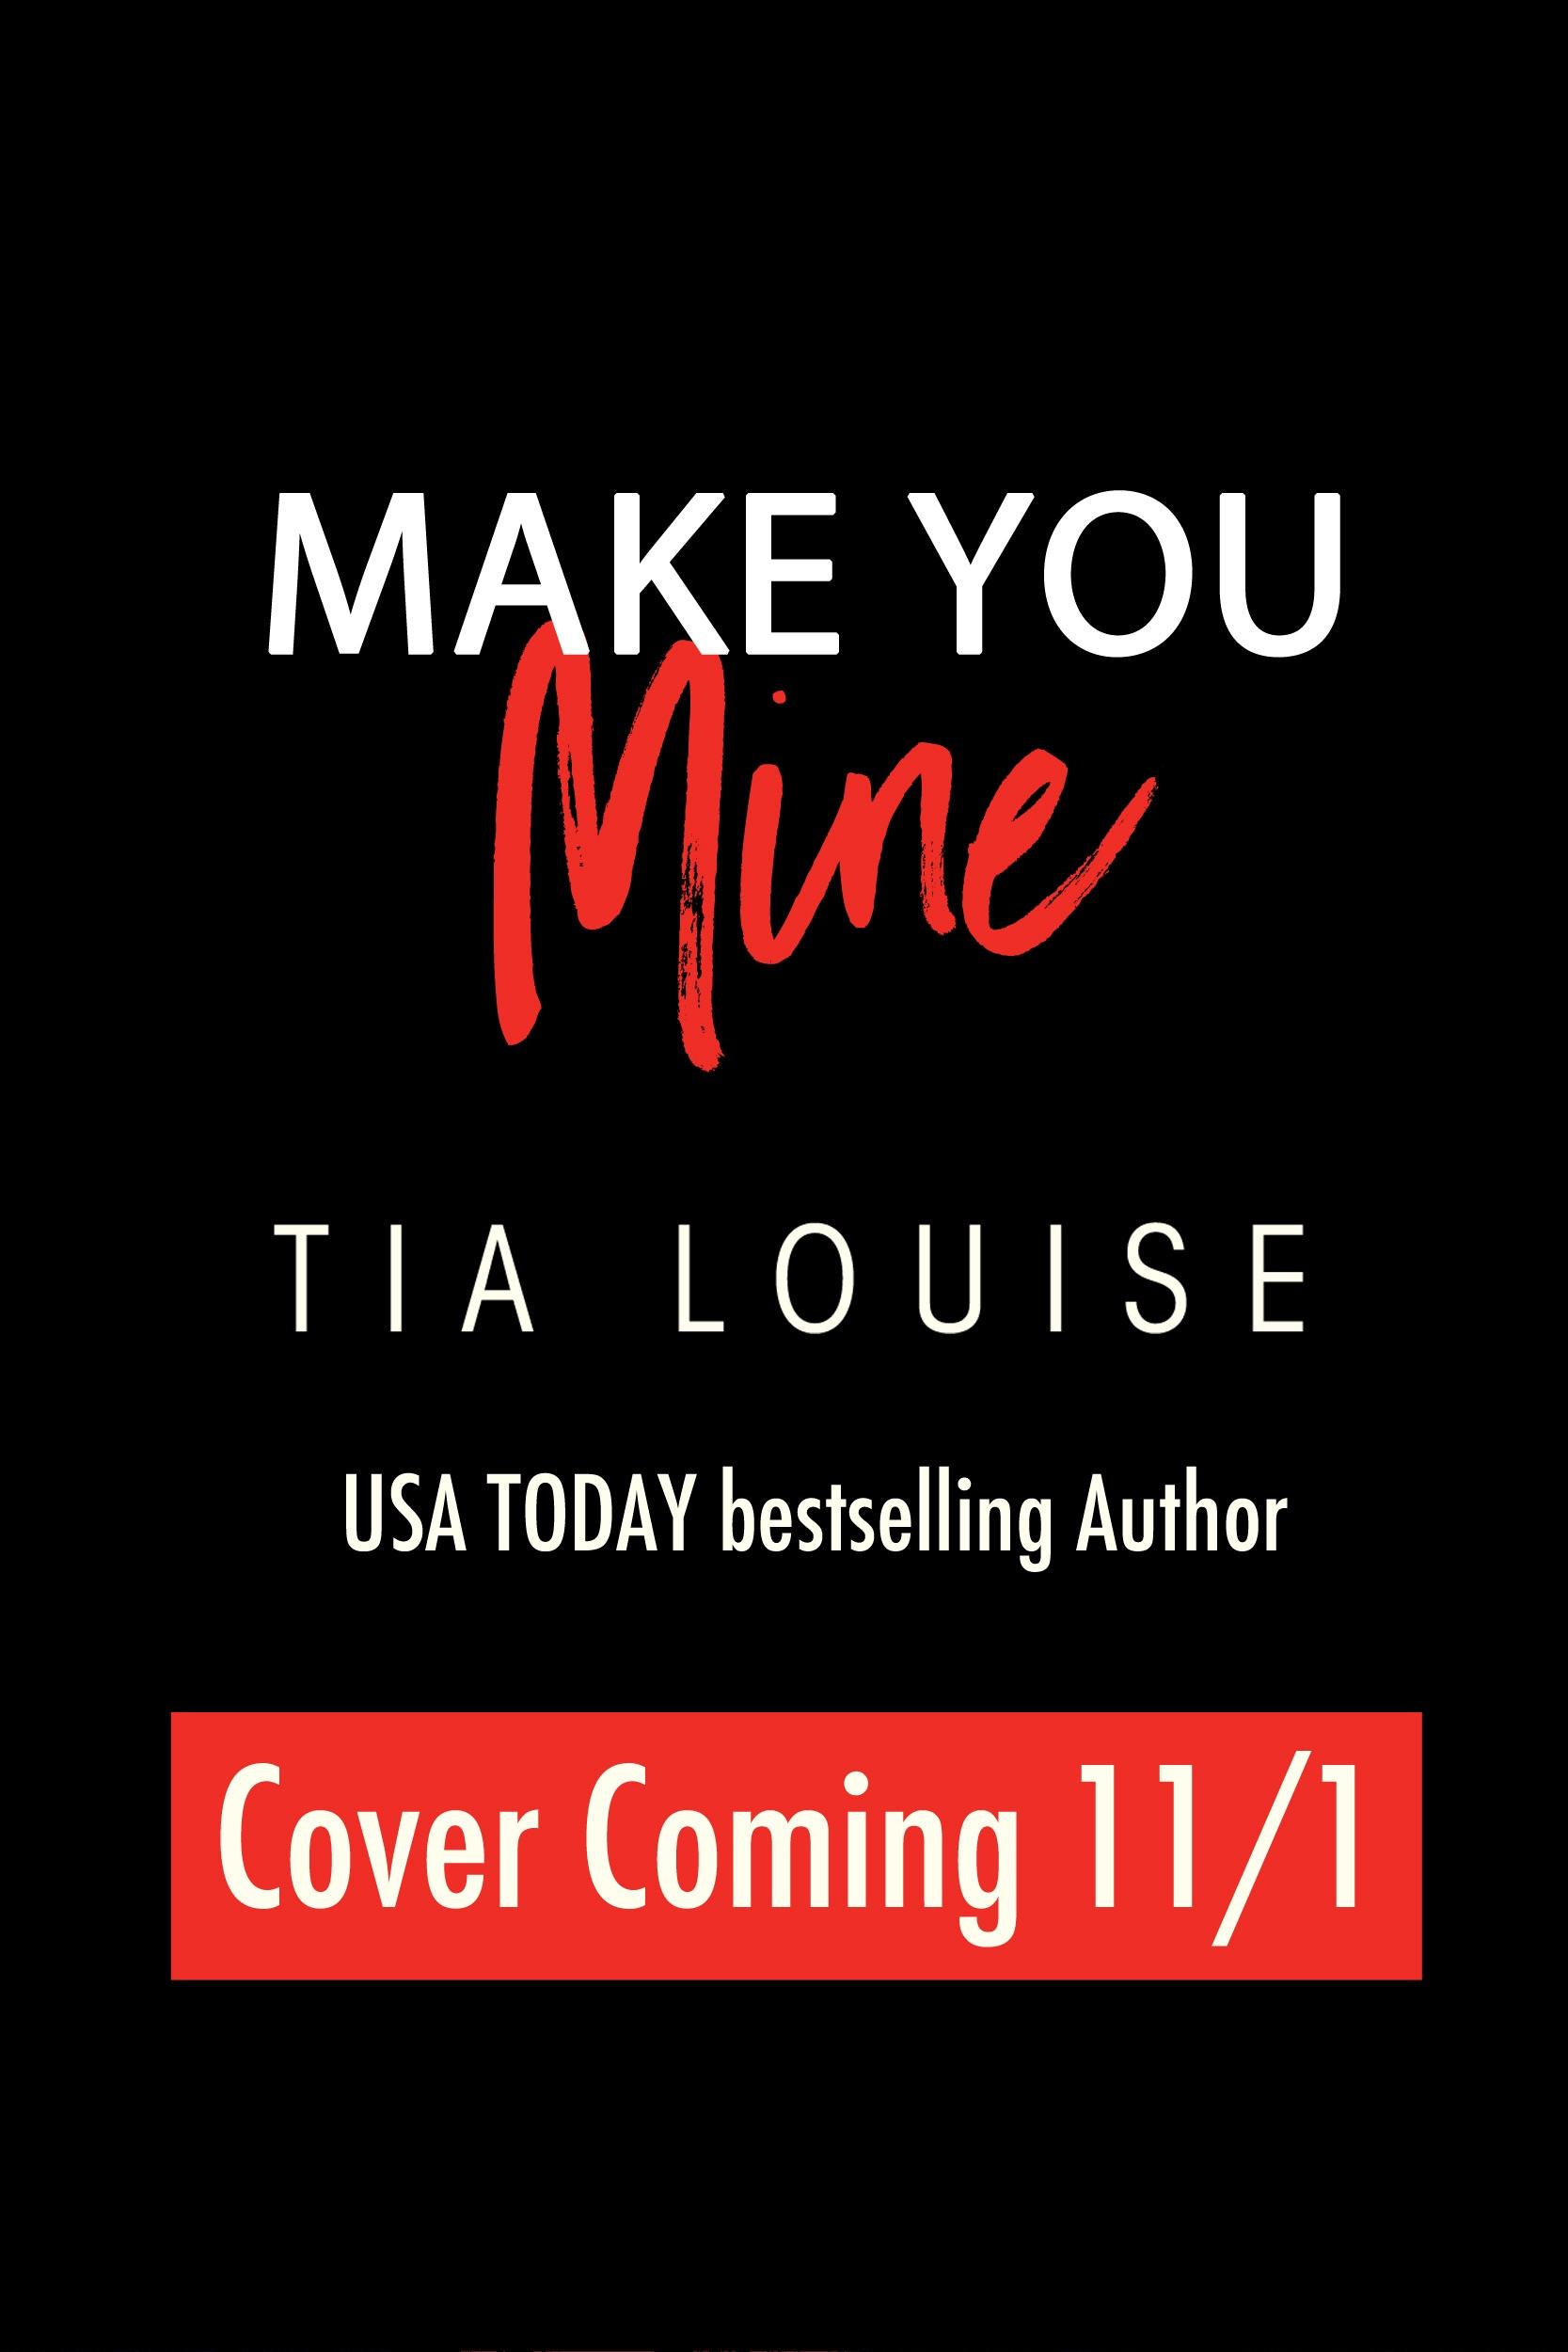 Make You Mine Tia Louise